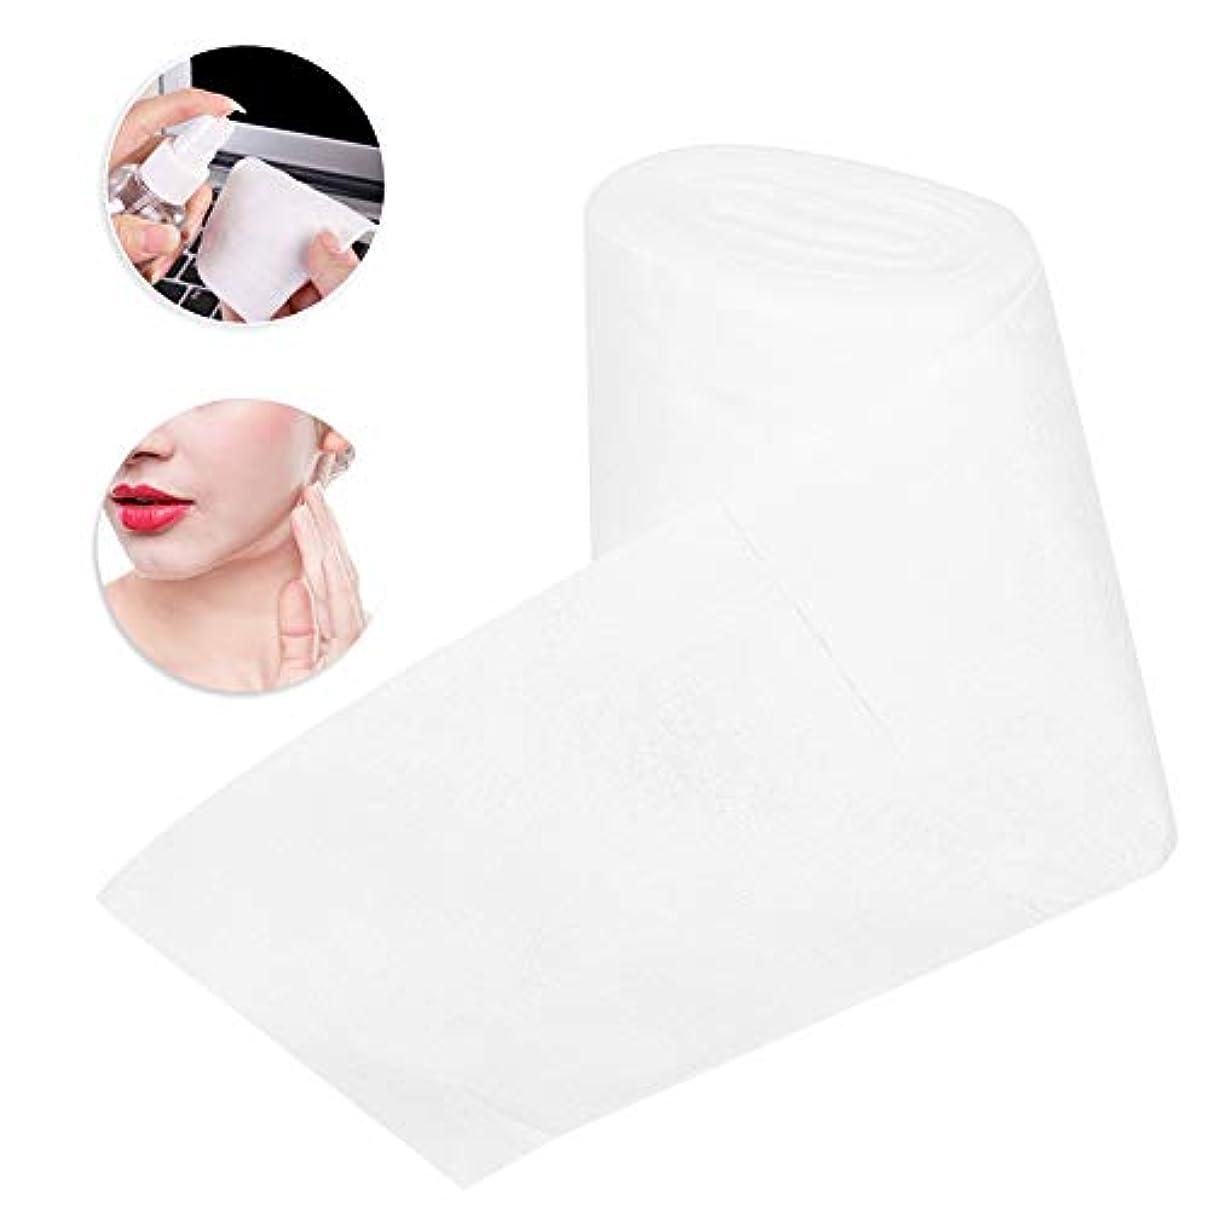 接ぎ木危険な散文不織布 使い捨てタオル メイクアップはクレンジングフェイシャルメイクアップ除去のための綿パッドを拭きます、しっとりと乾燥することができます